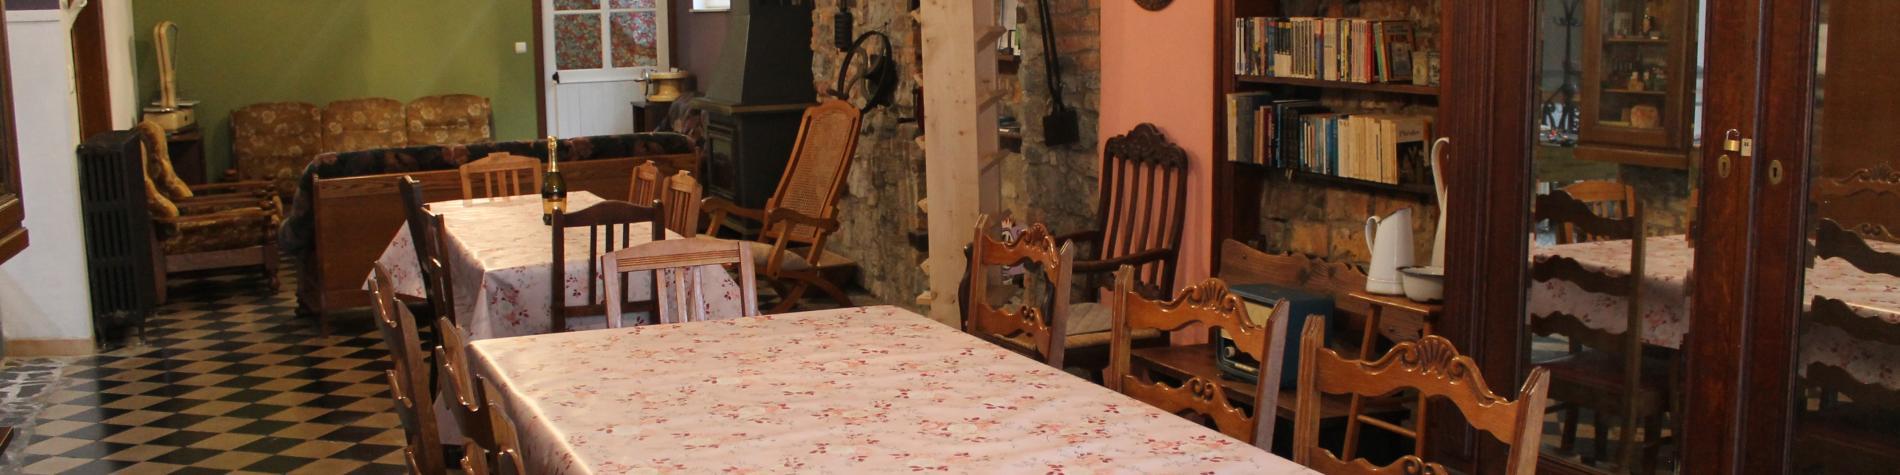 Gîte rural Chez Marie-Angèle à Treignes